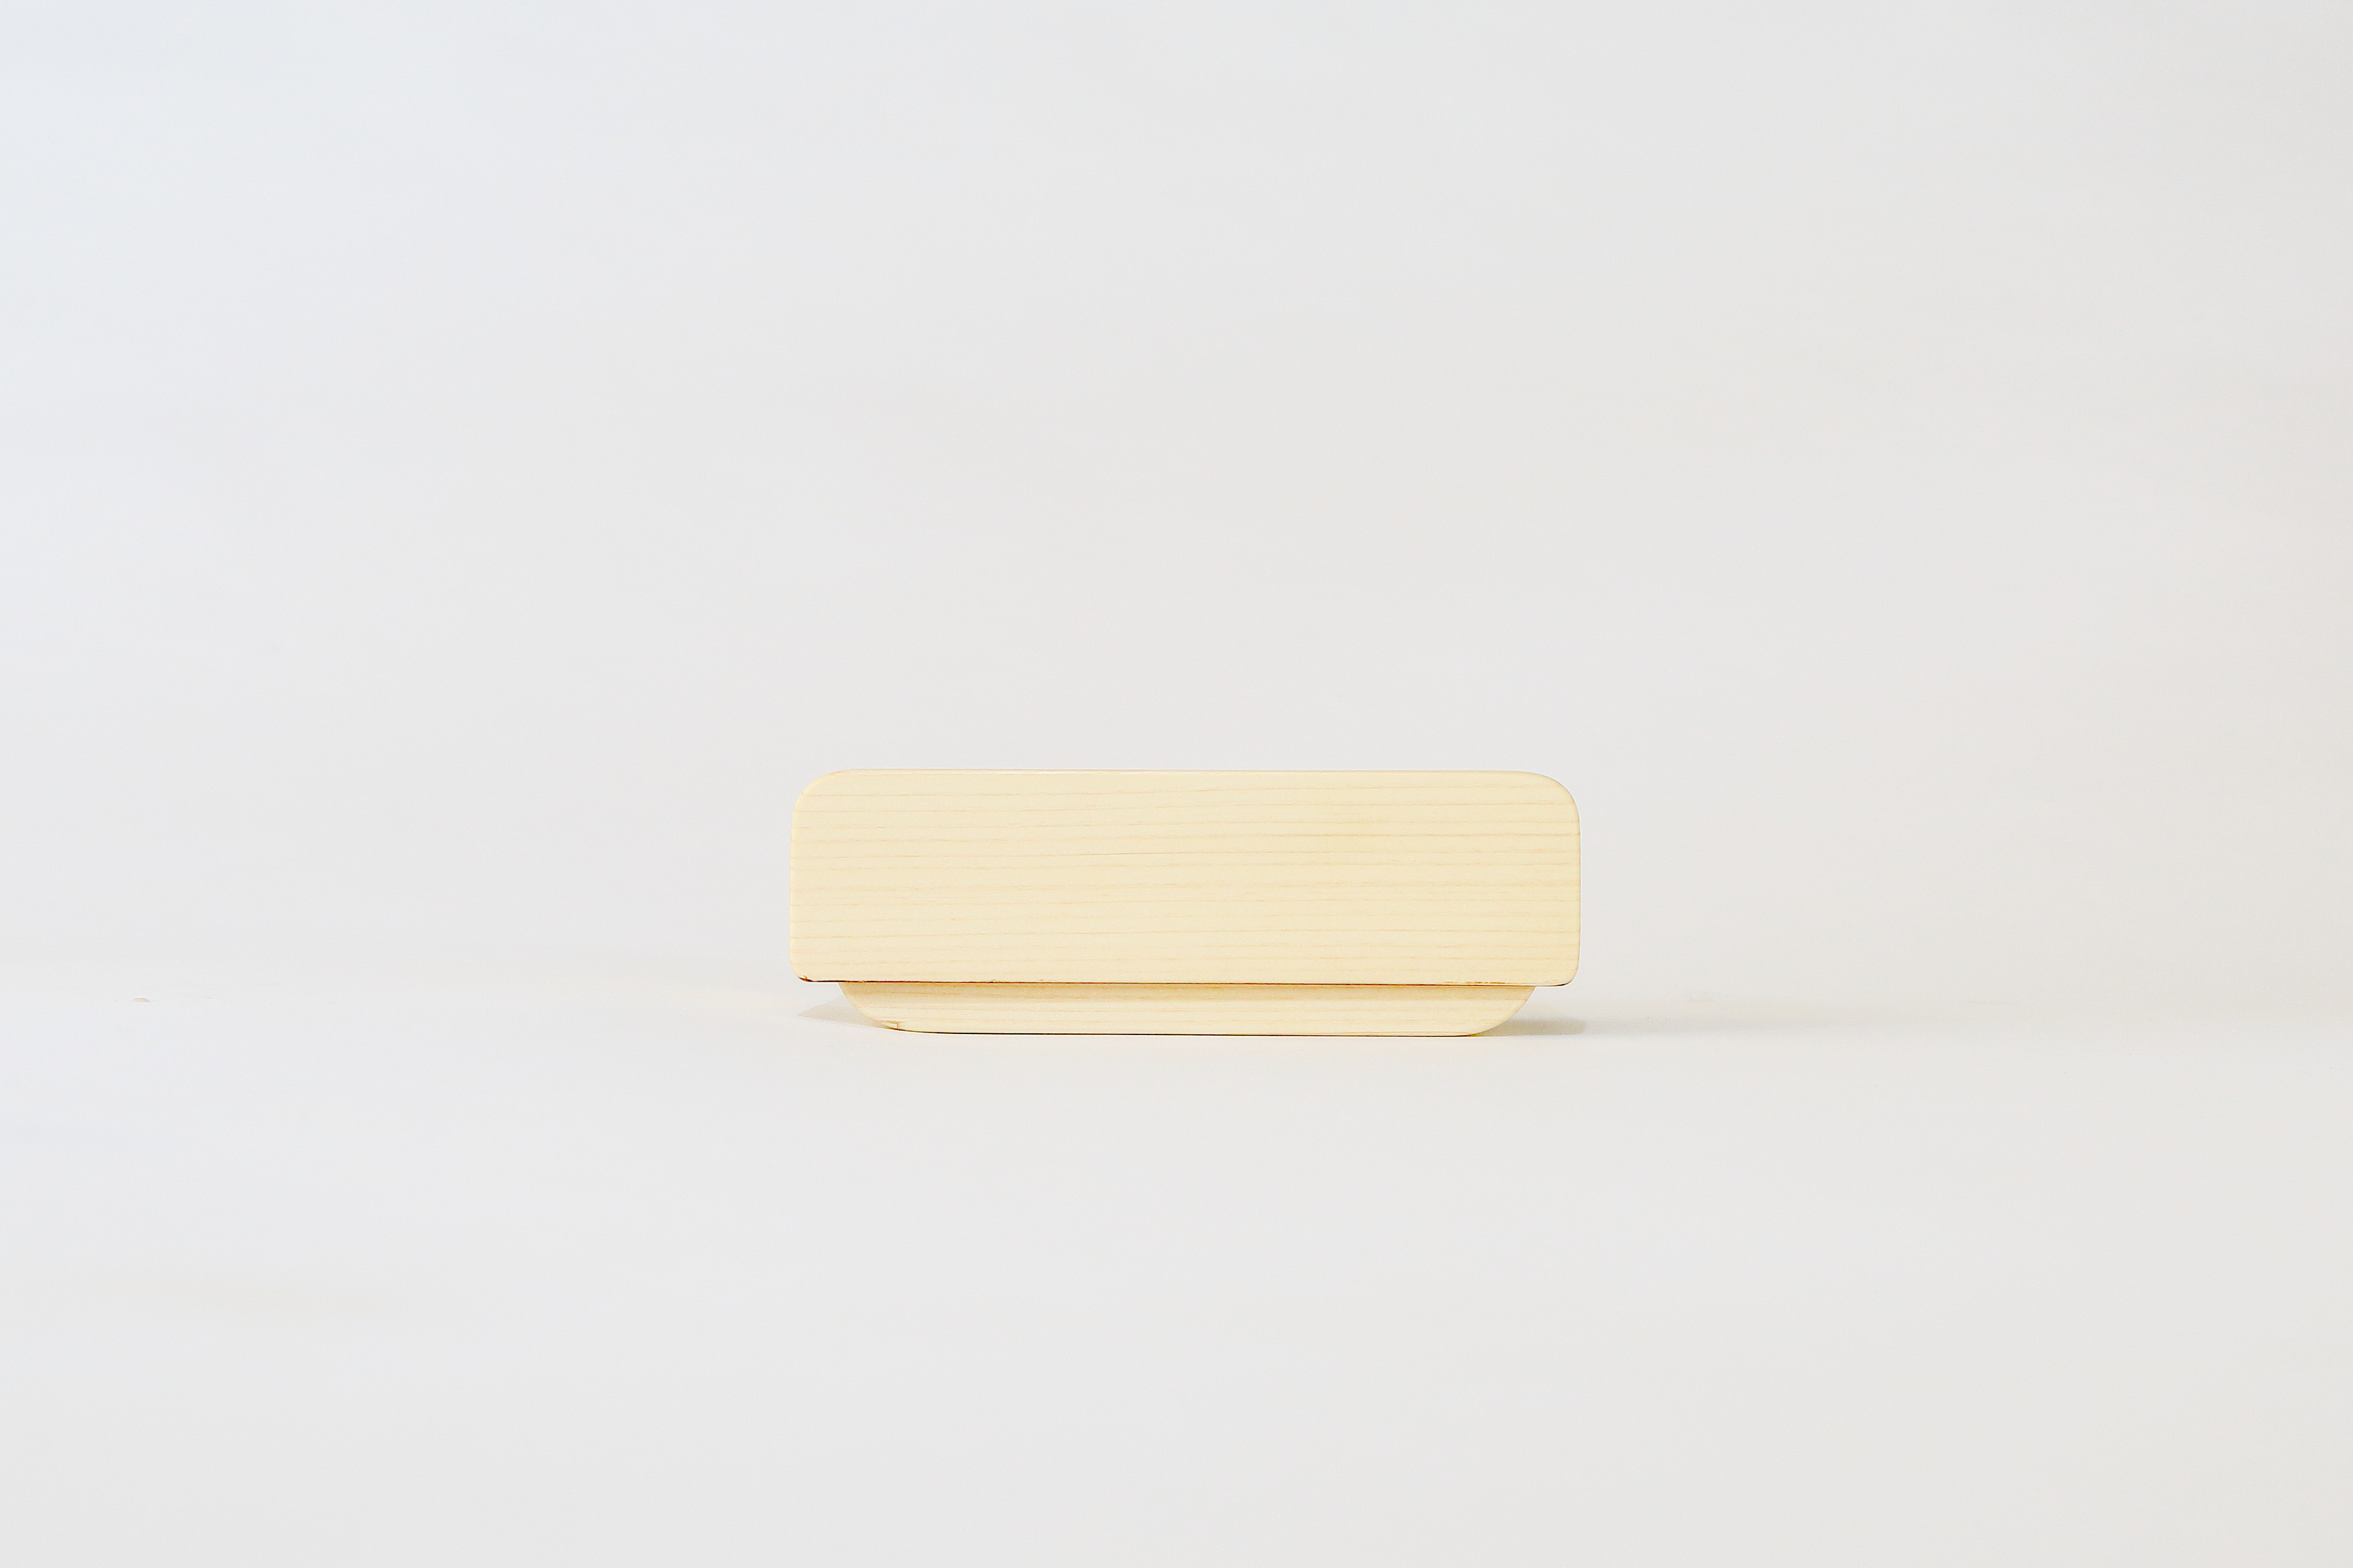 かぶせ弁当箱 ひのき白木仕上げ(小)